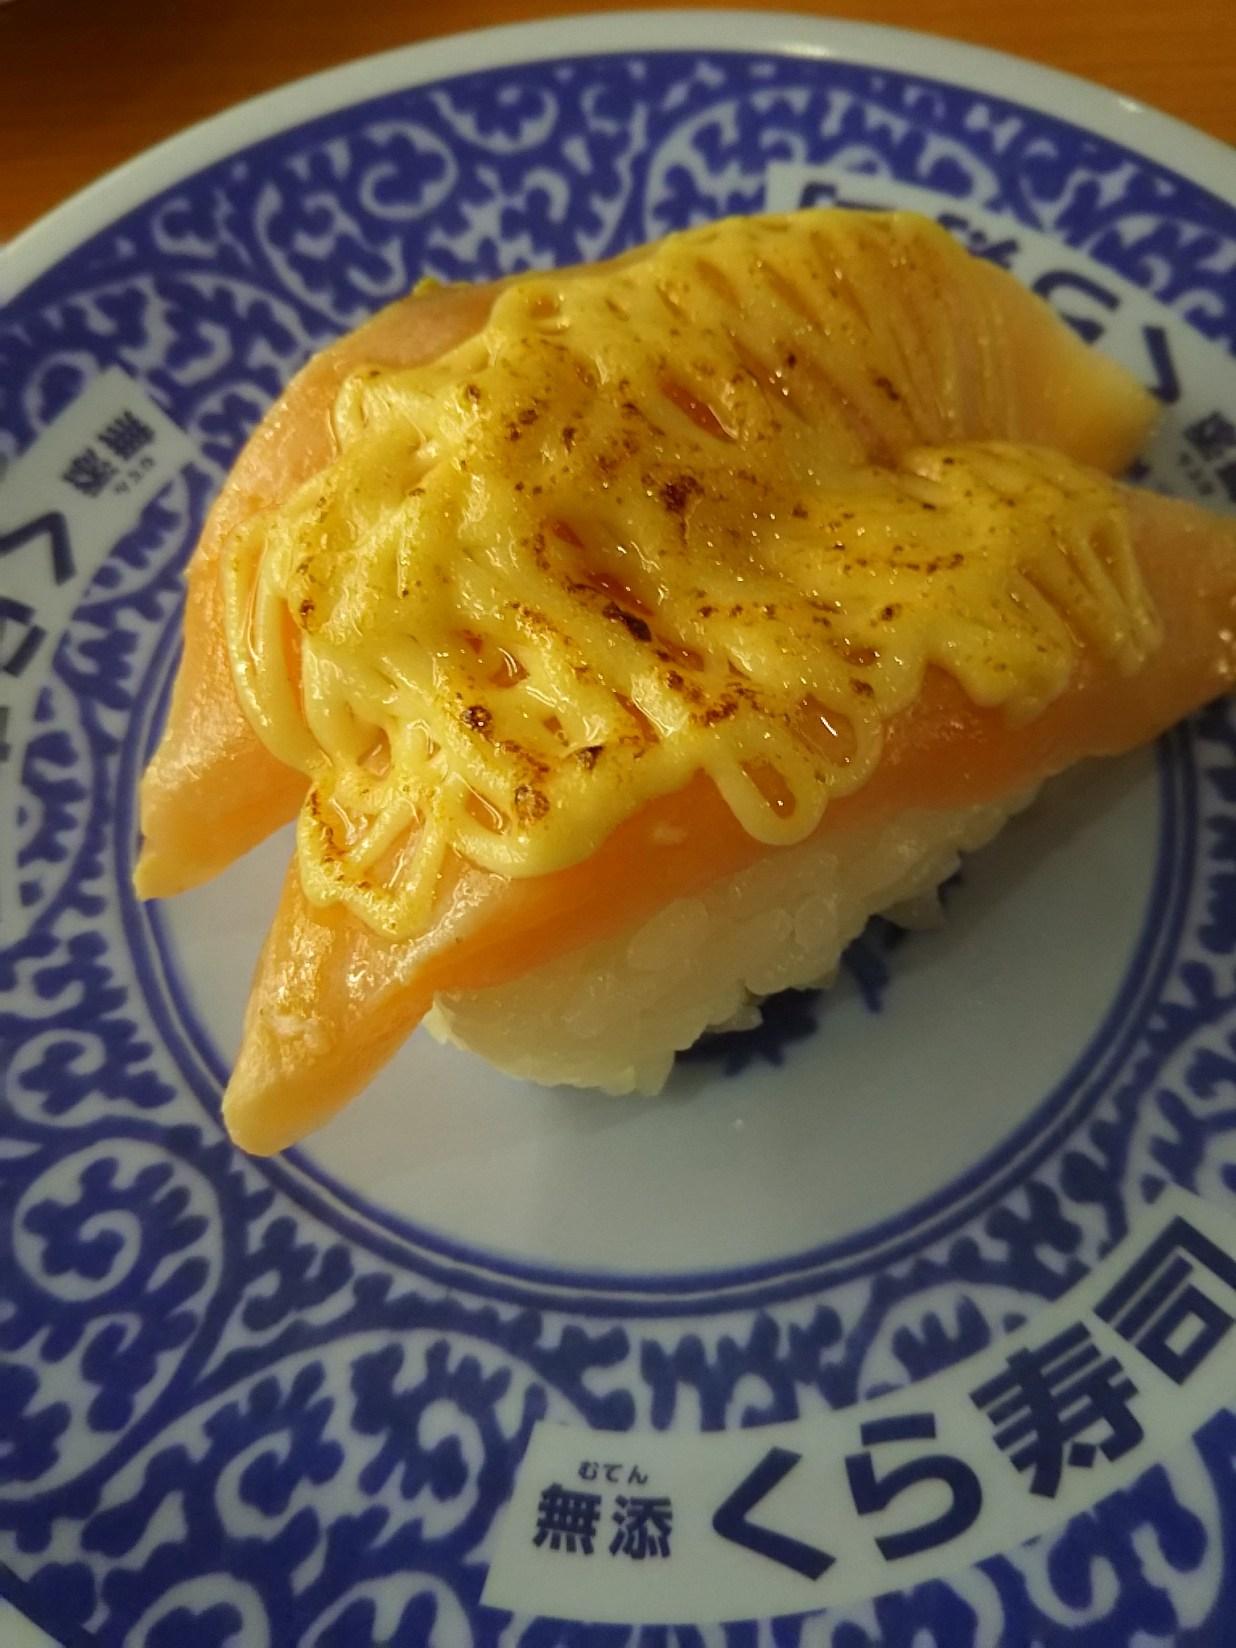 【くら寿司】あぶりチーズサーモン